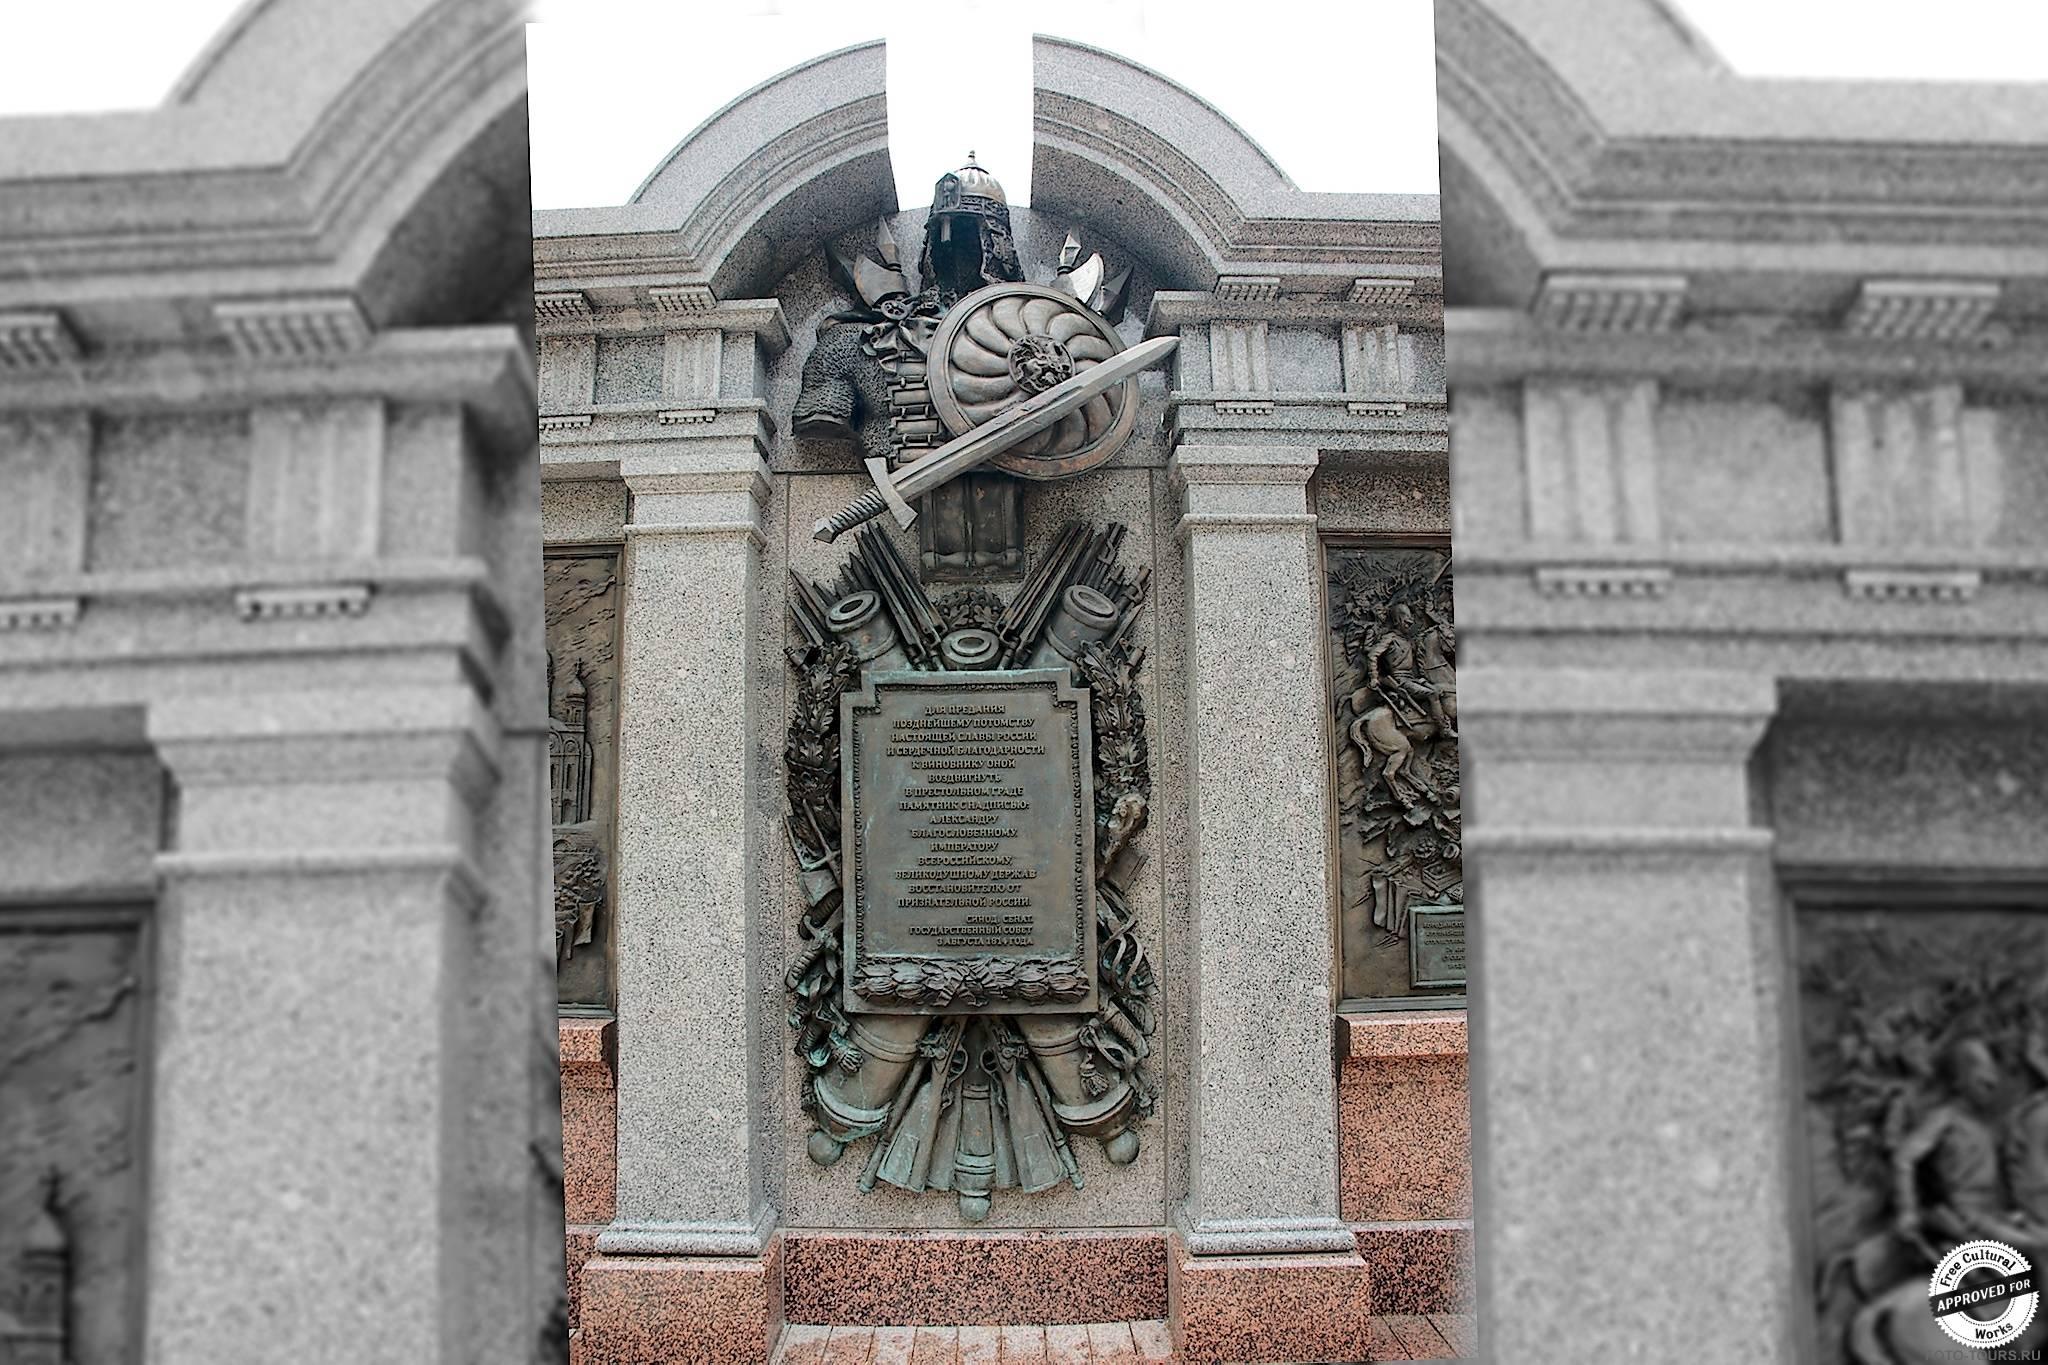 Стела посвященная войне 1812 года, Александровский сад, Парки москвы.